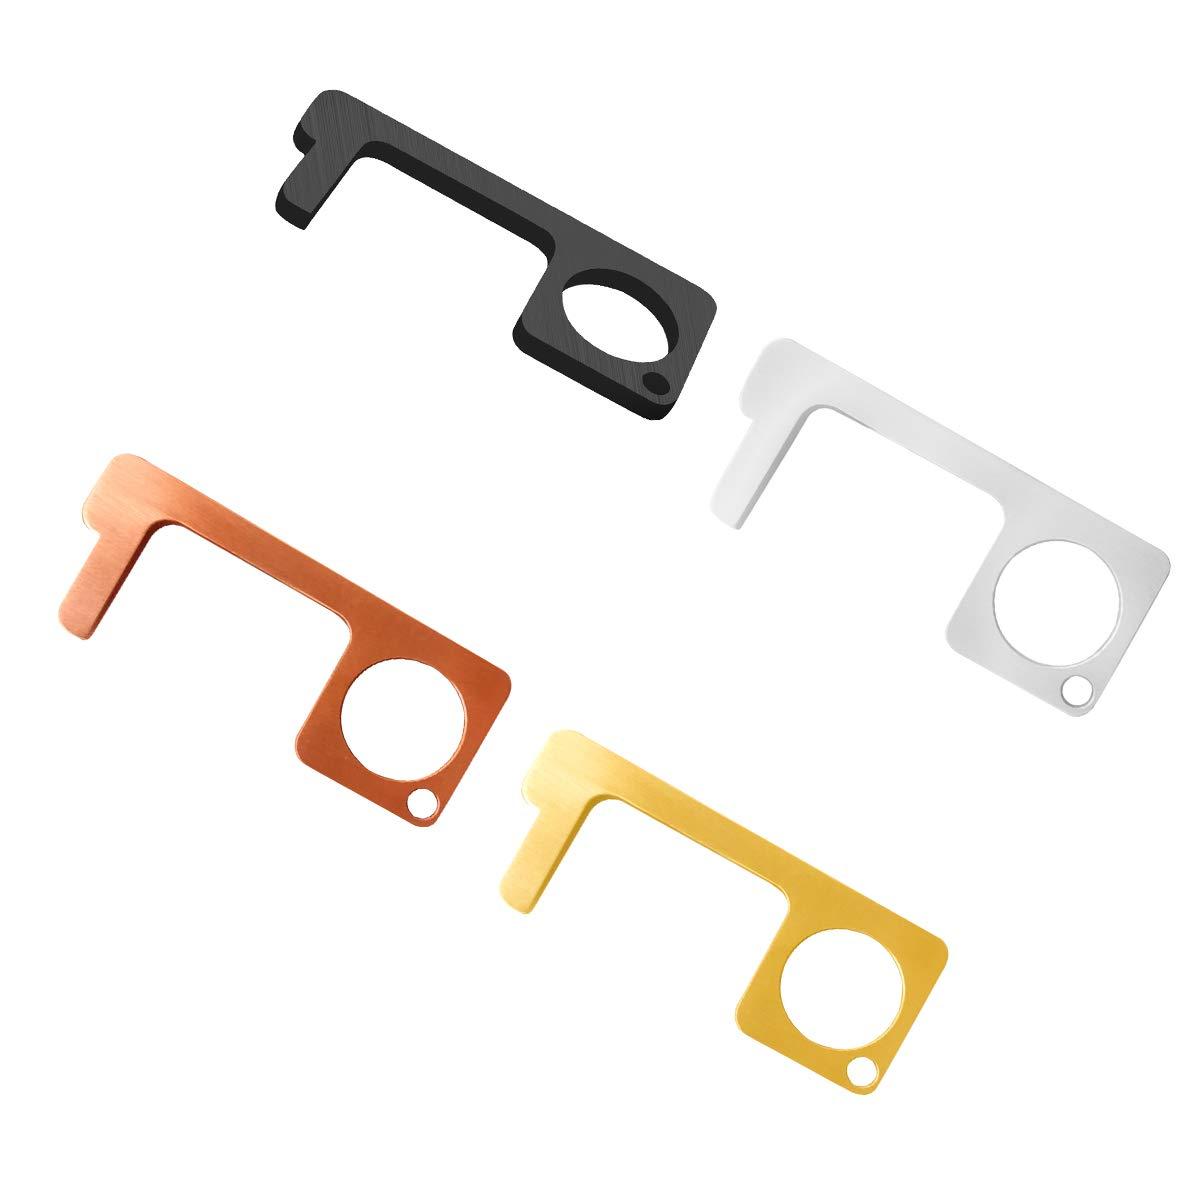 iFCOW Non-Contact Door Opener Portable Zinc Alloy Press Elevator Tool Door Handle Key